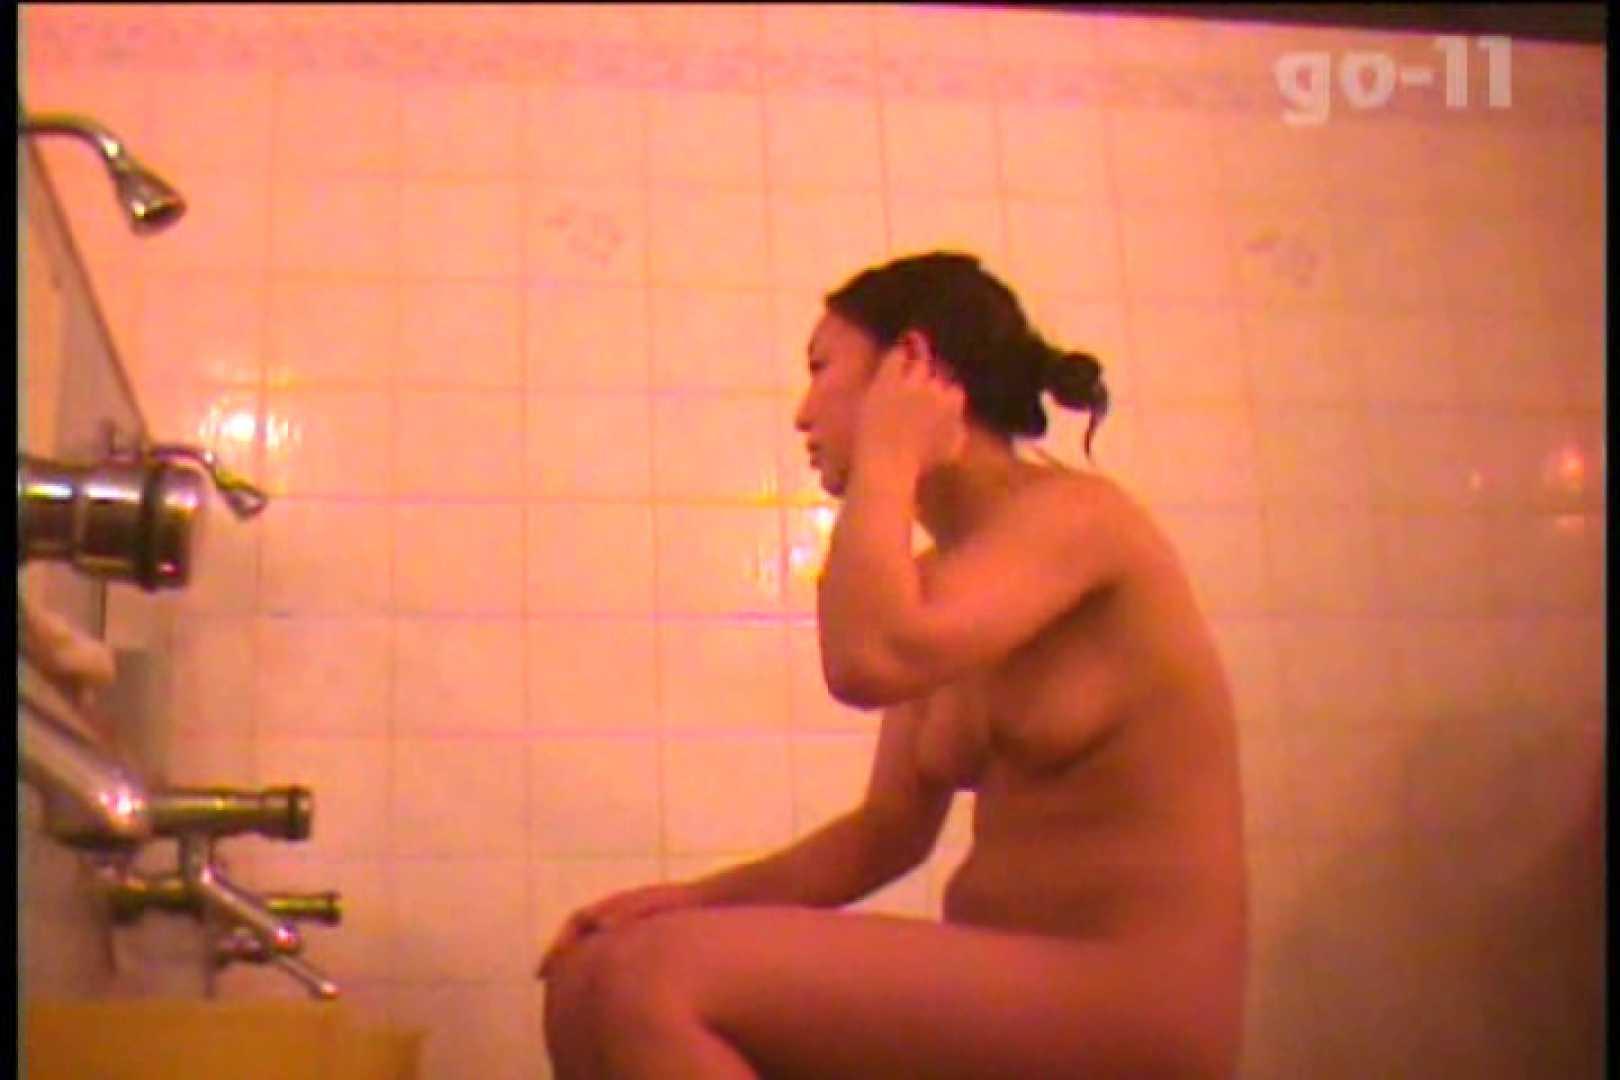 電波カメラ設置浴場からの防HAN映像 Vol.11 ギャル達 アダルト動画キャプチャ 76枚 2